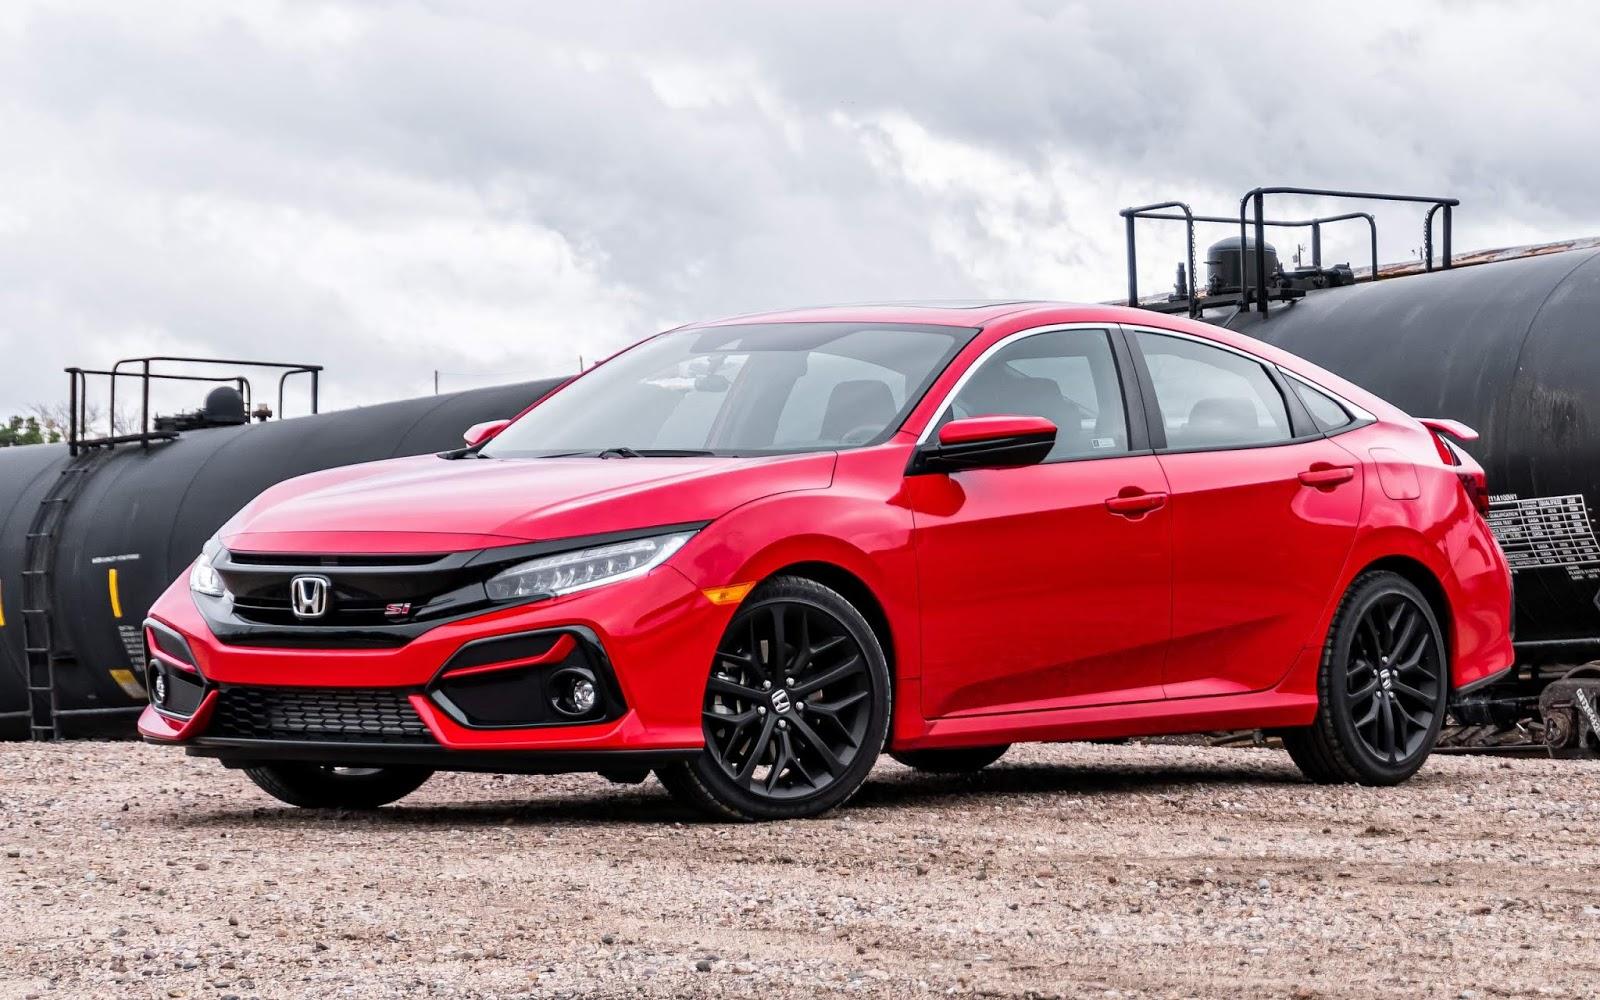 Honda Civic Si Sedan 2020 ganha aperfeiçoamentos - fotos ...